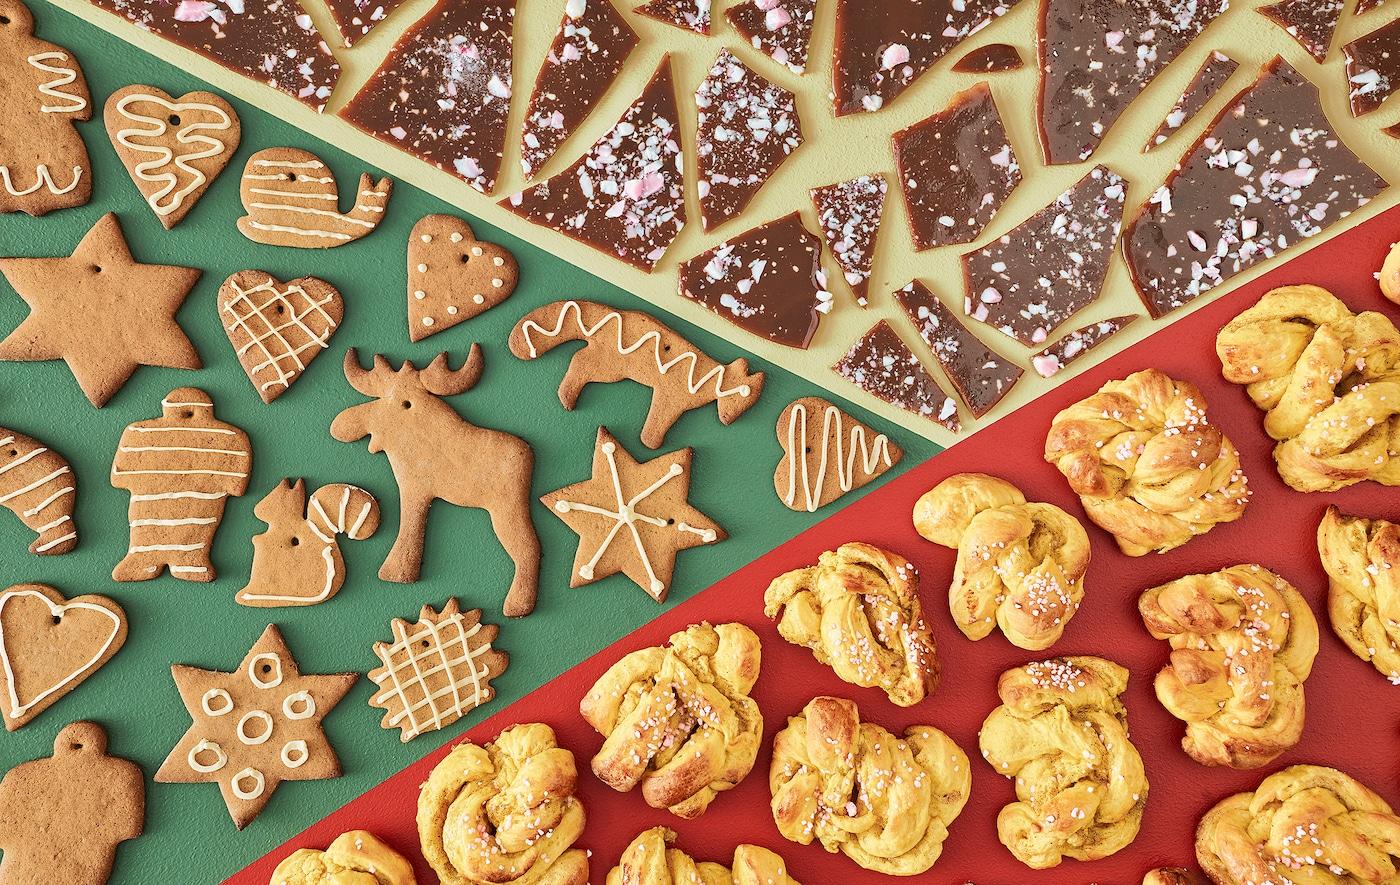 Ein Blick von oben auf Toffee, Pfefferkuchen und Safranbrötchen